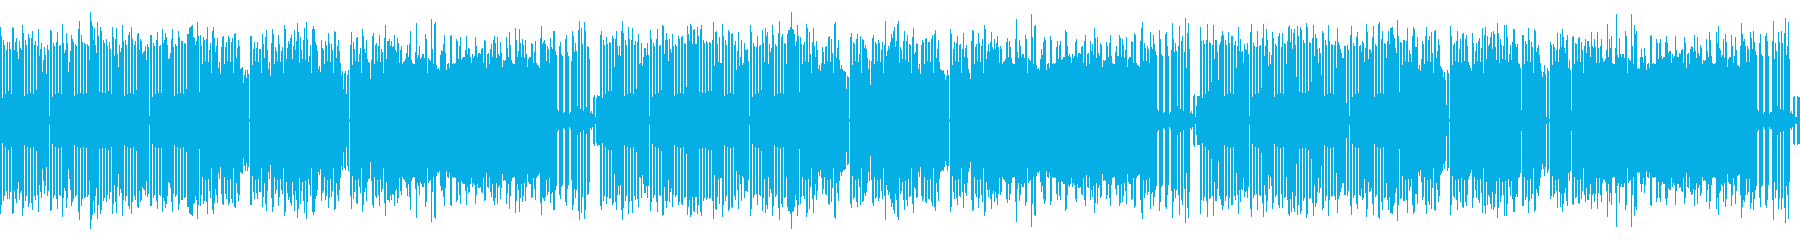 ファミコン風カッコいいBGMの再生済みの波形